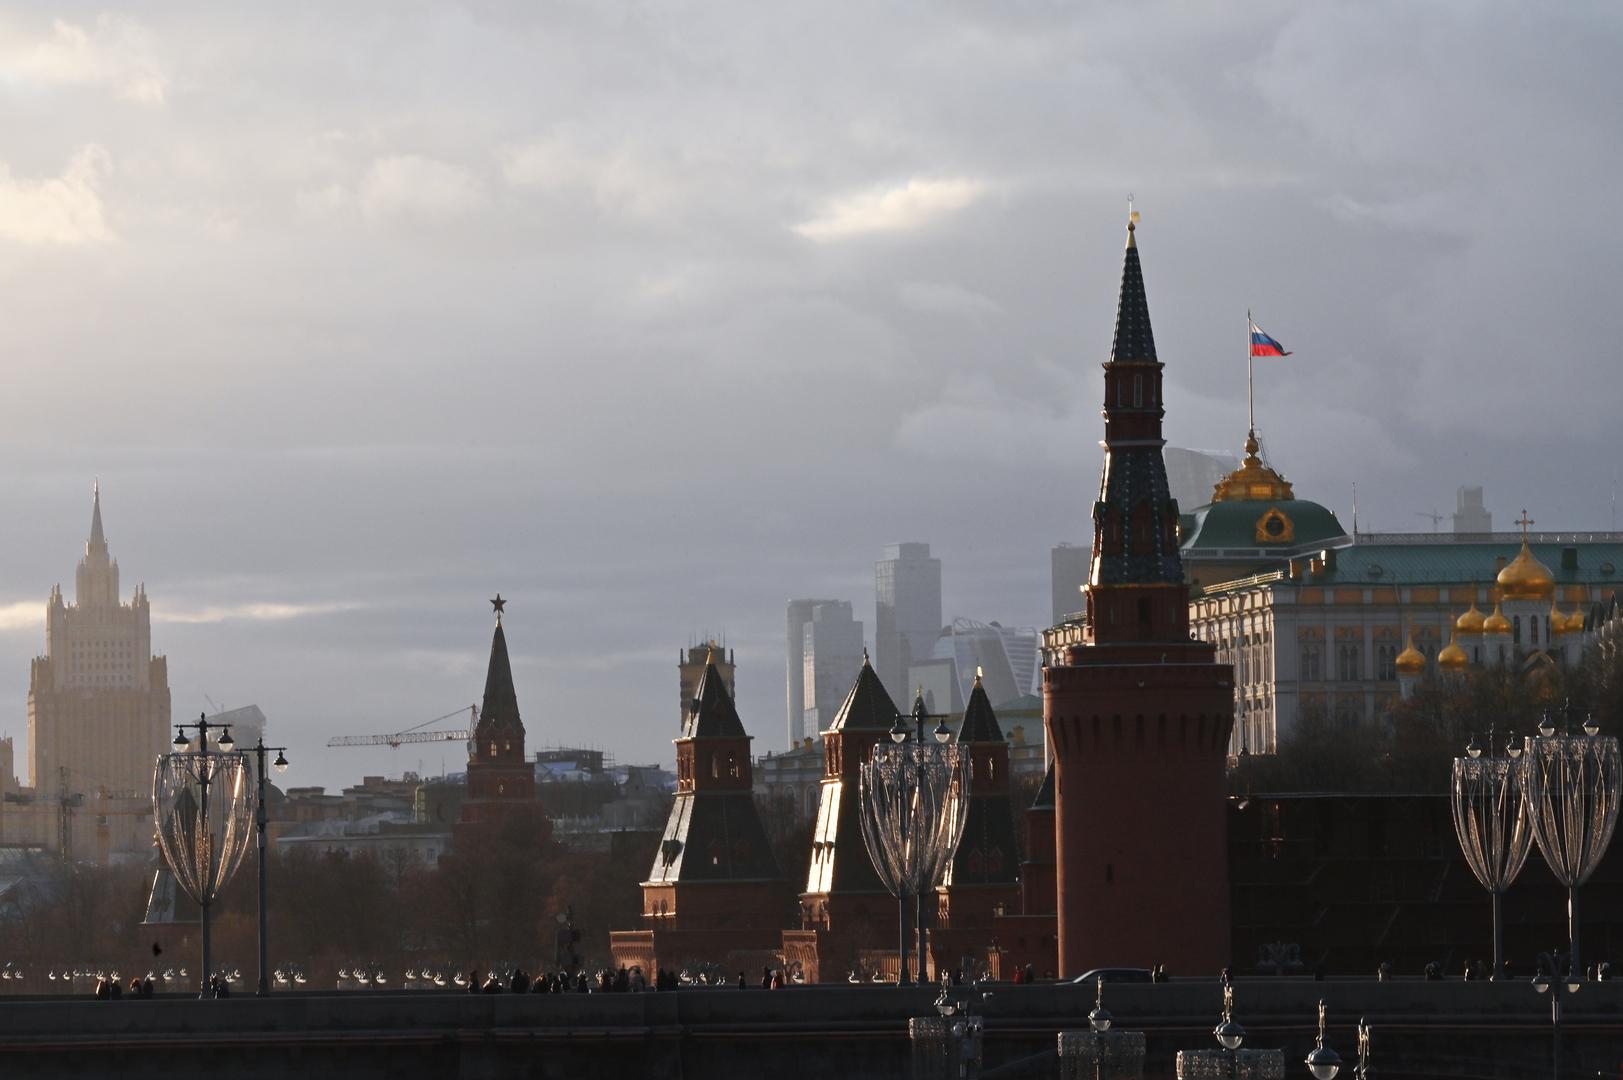 موسكو بعد طرد إيطاليا دبلوماسيين روسيين: نأمل في الحفاظ على العلاقات الإيجابية